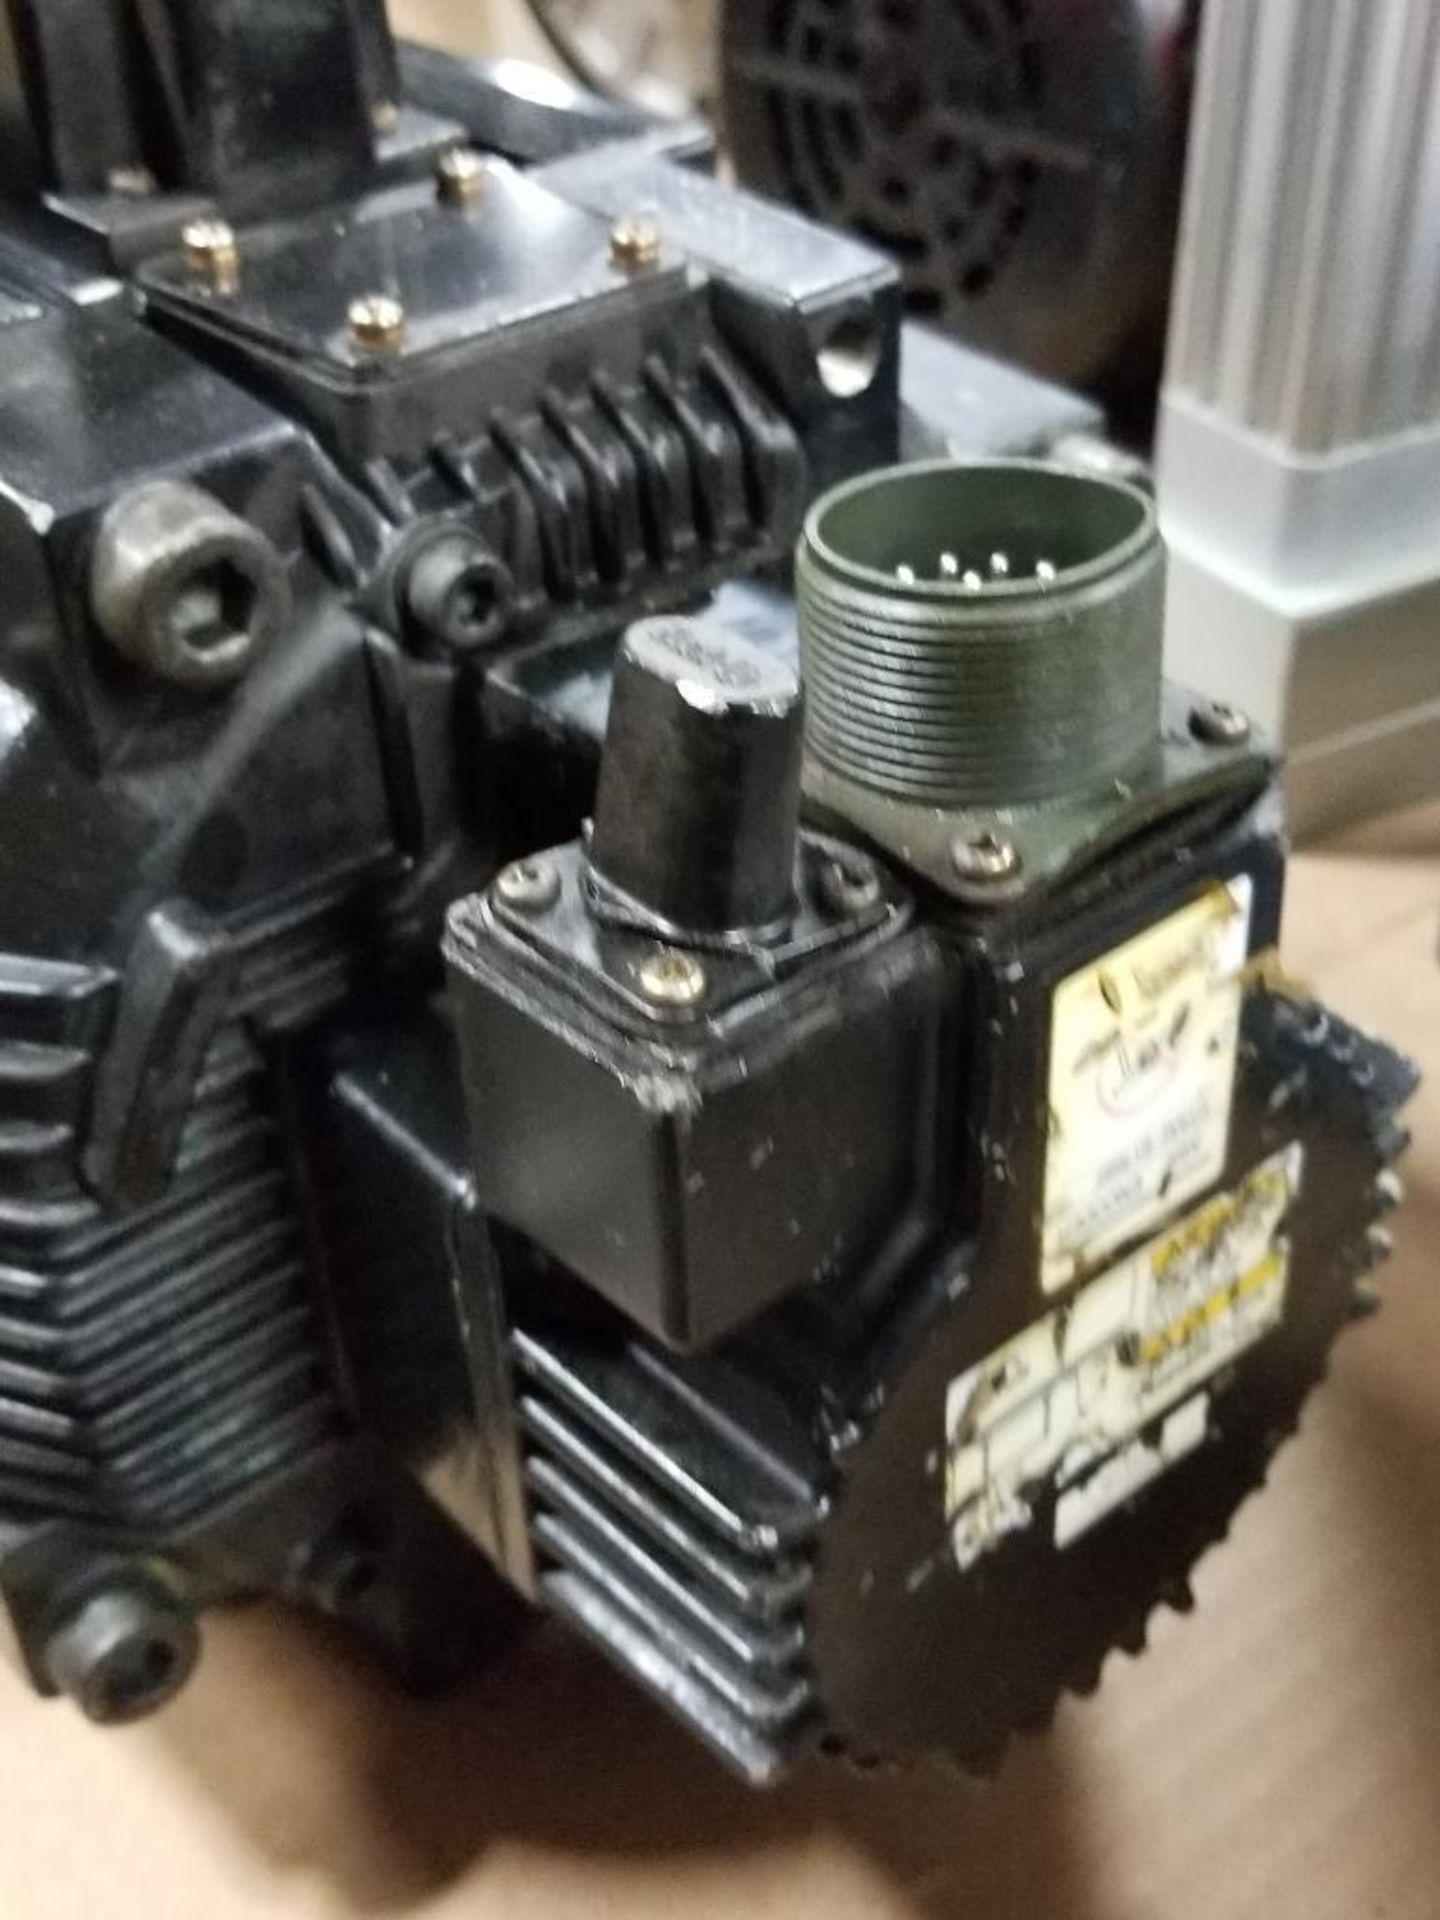 4400W Yaskawa AC Servo Motor SGMGH-44A2A-YR15. 200V, 1500RPM. - Image 3 of 4